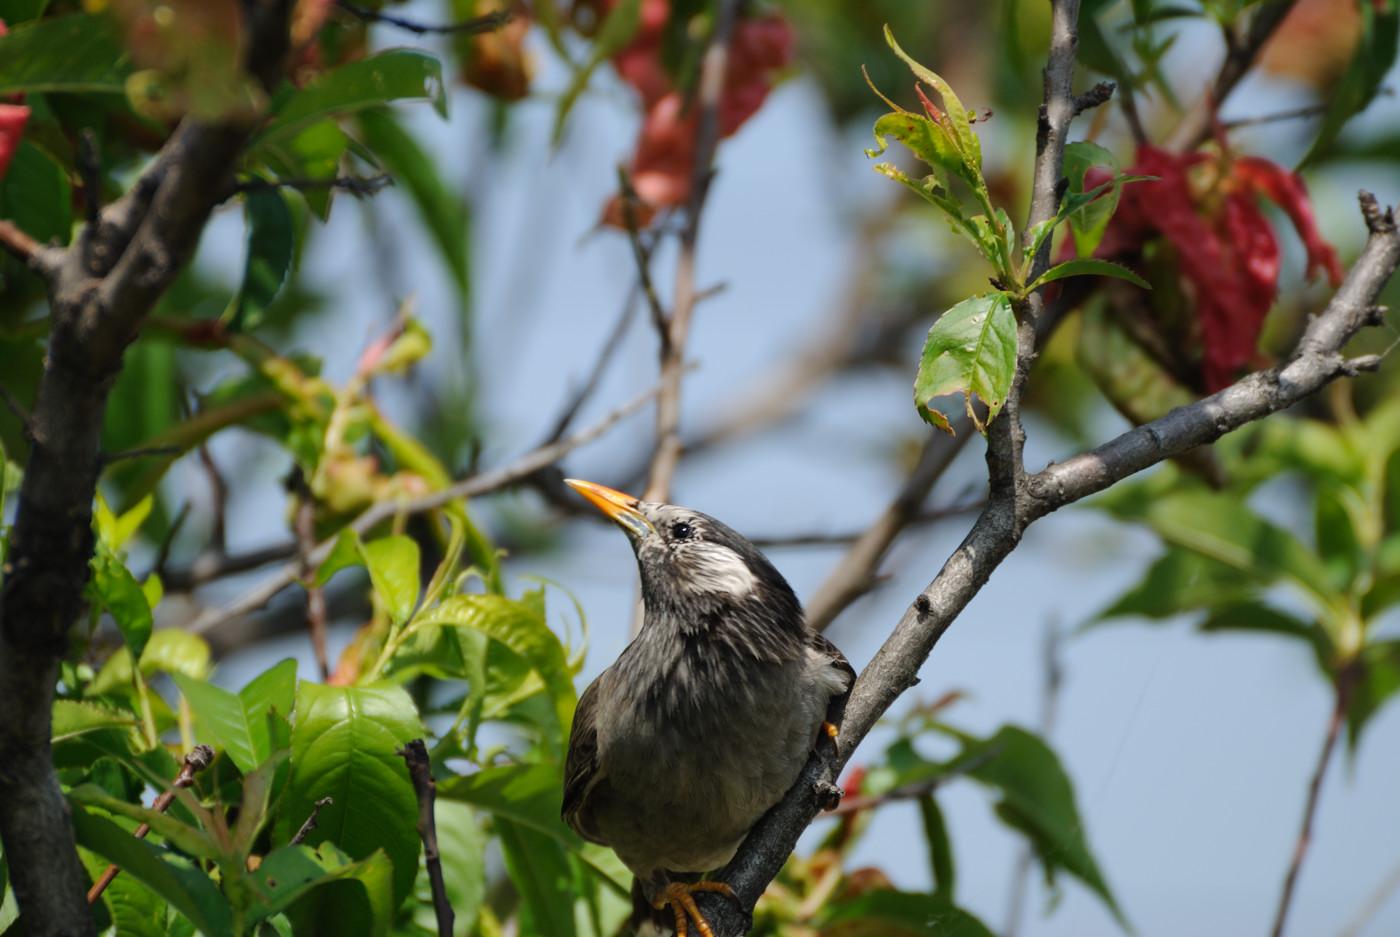 この鳥さんの写真は好みです